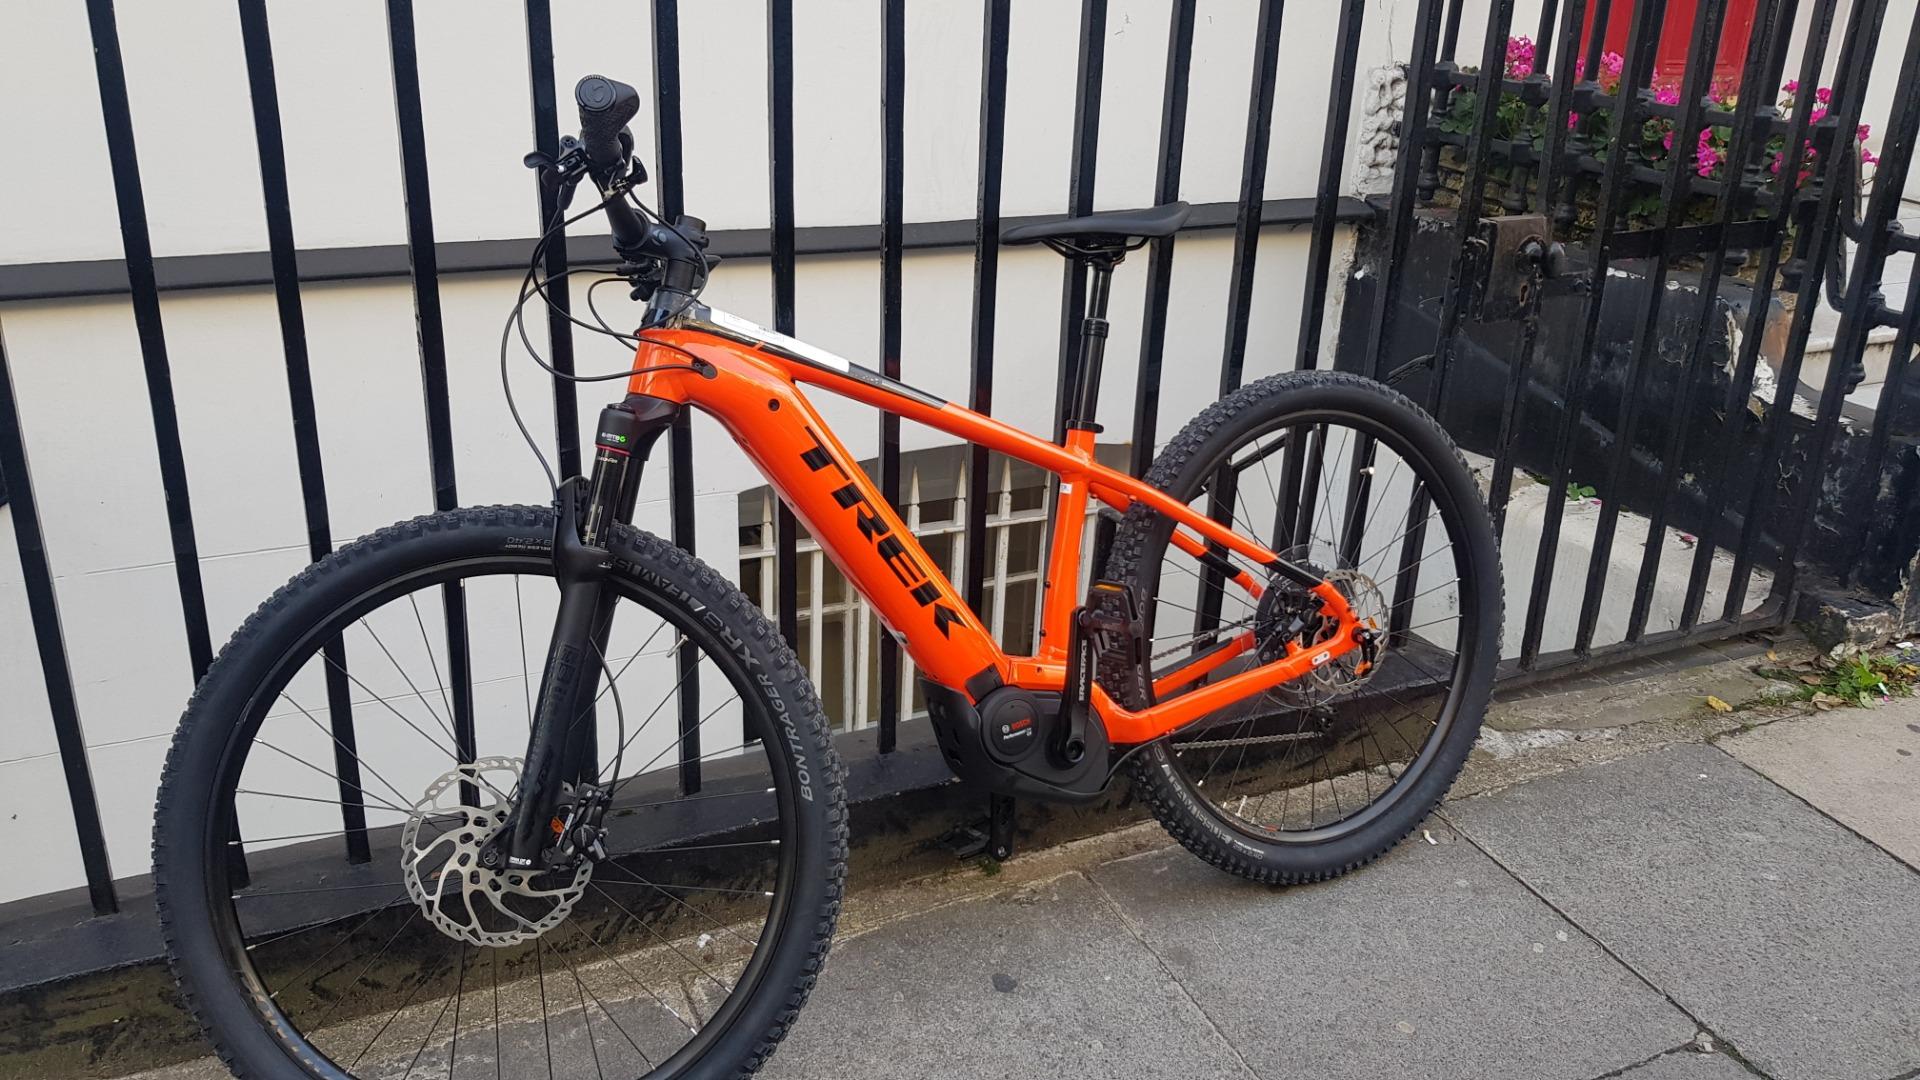 Stolen Trek Powerfly 7 2019 Hardtail Electric Mountain Bike